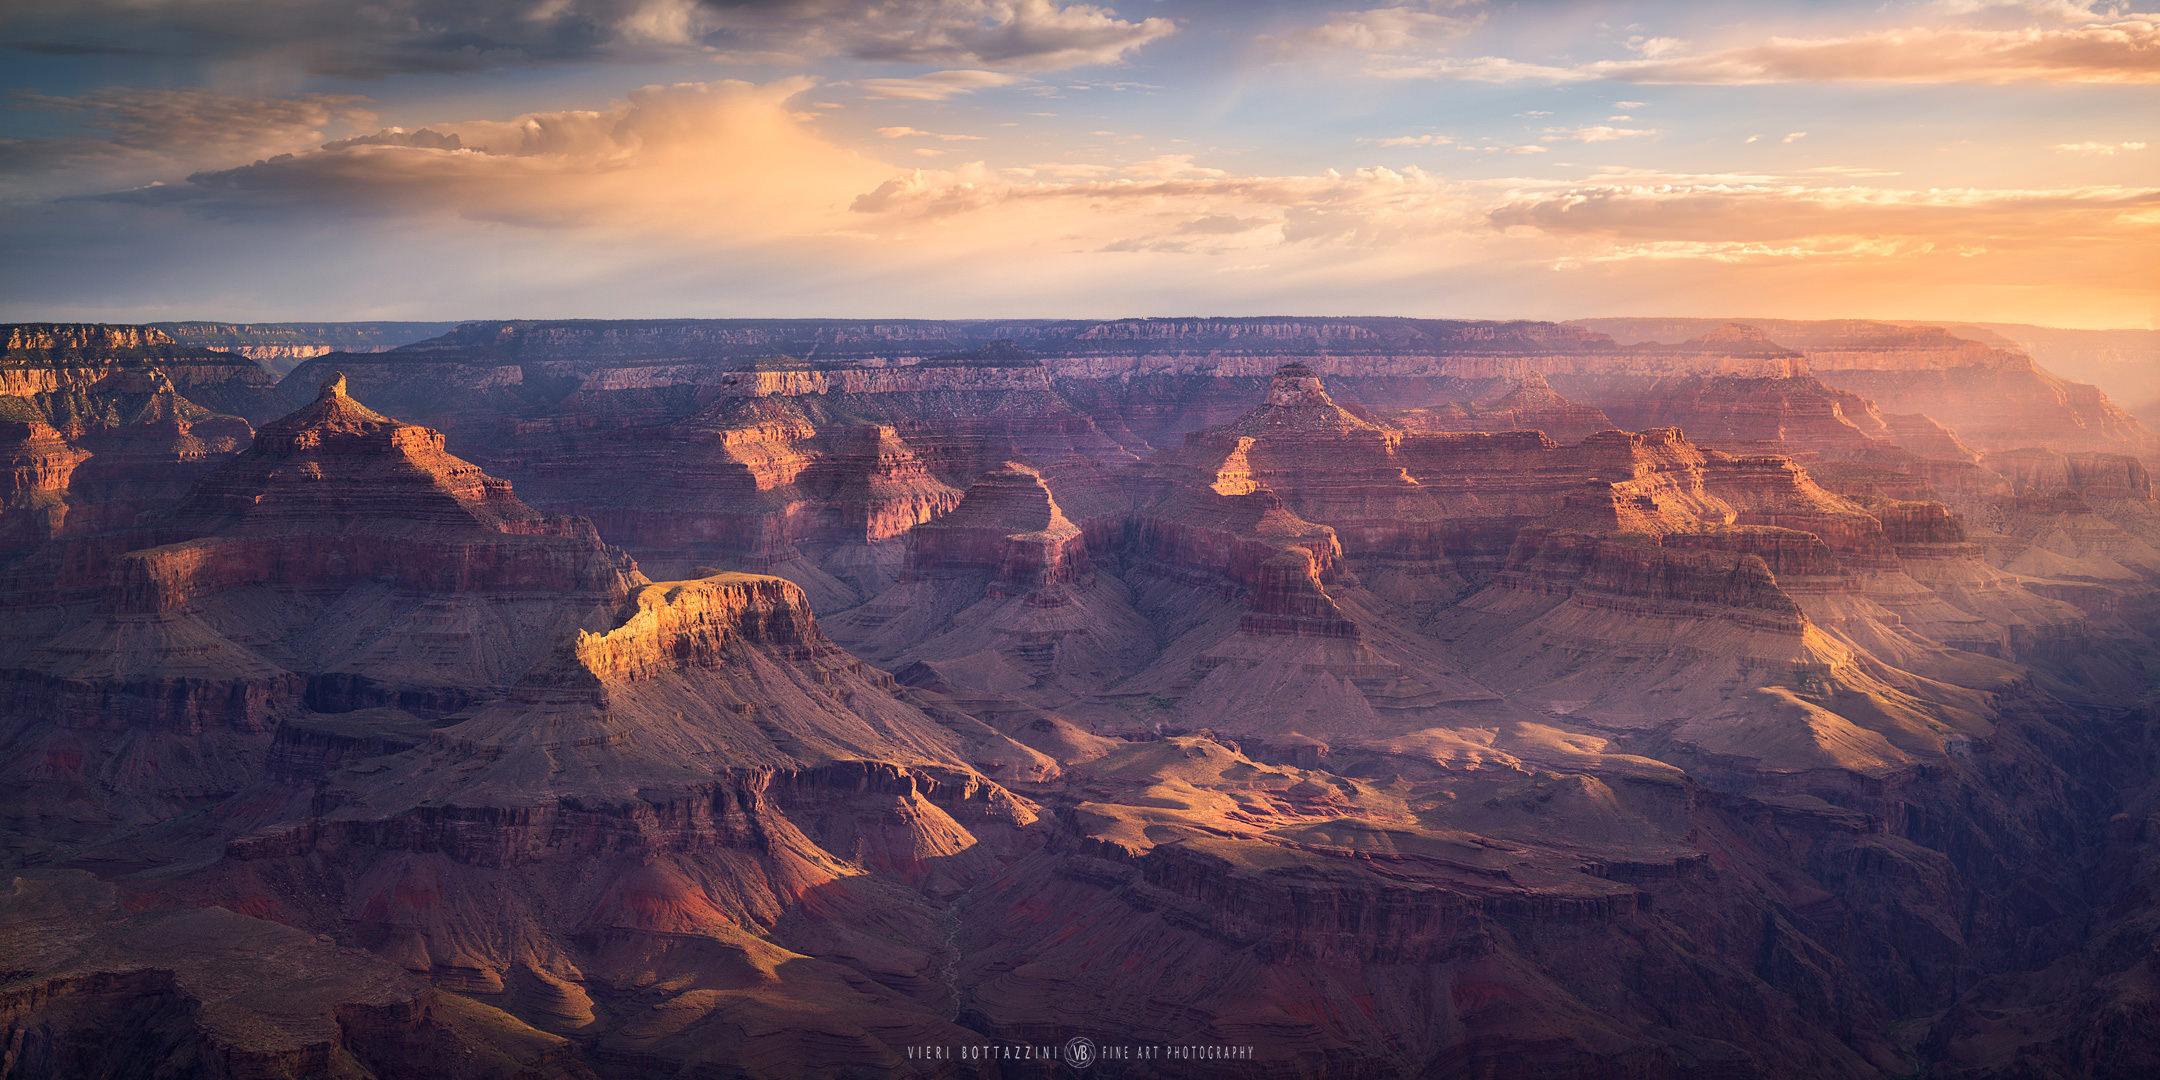 The Grand Canyon (USA)